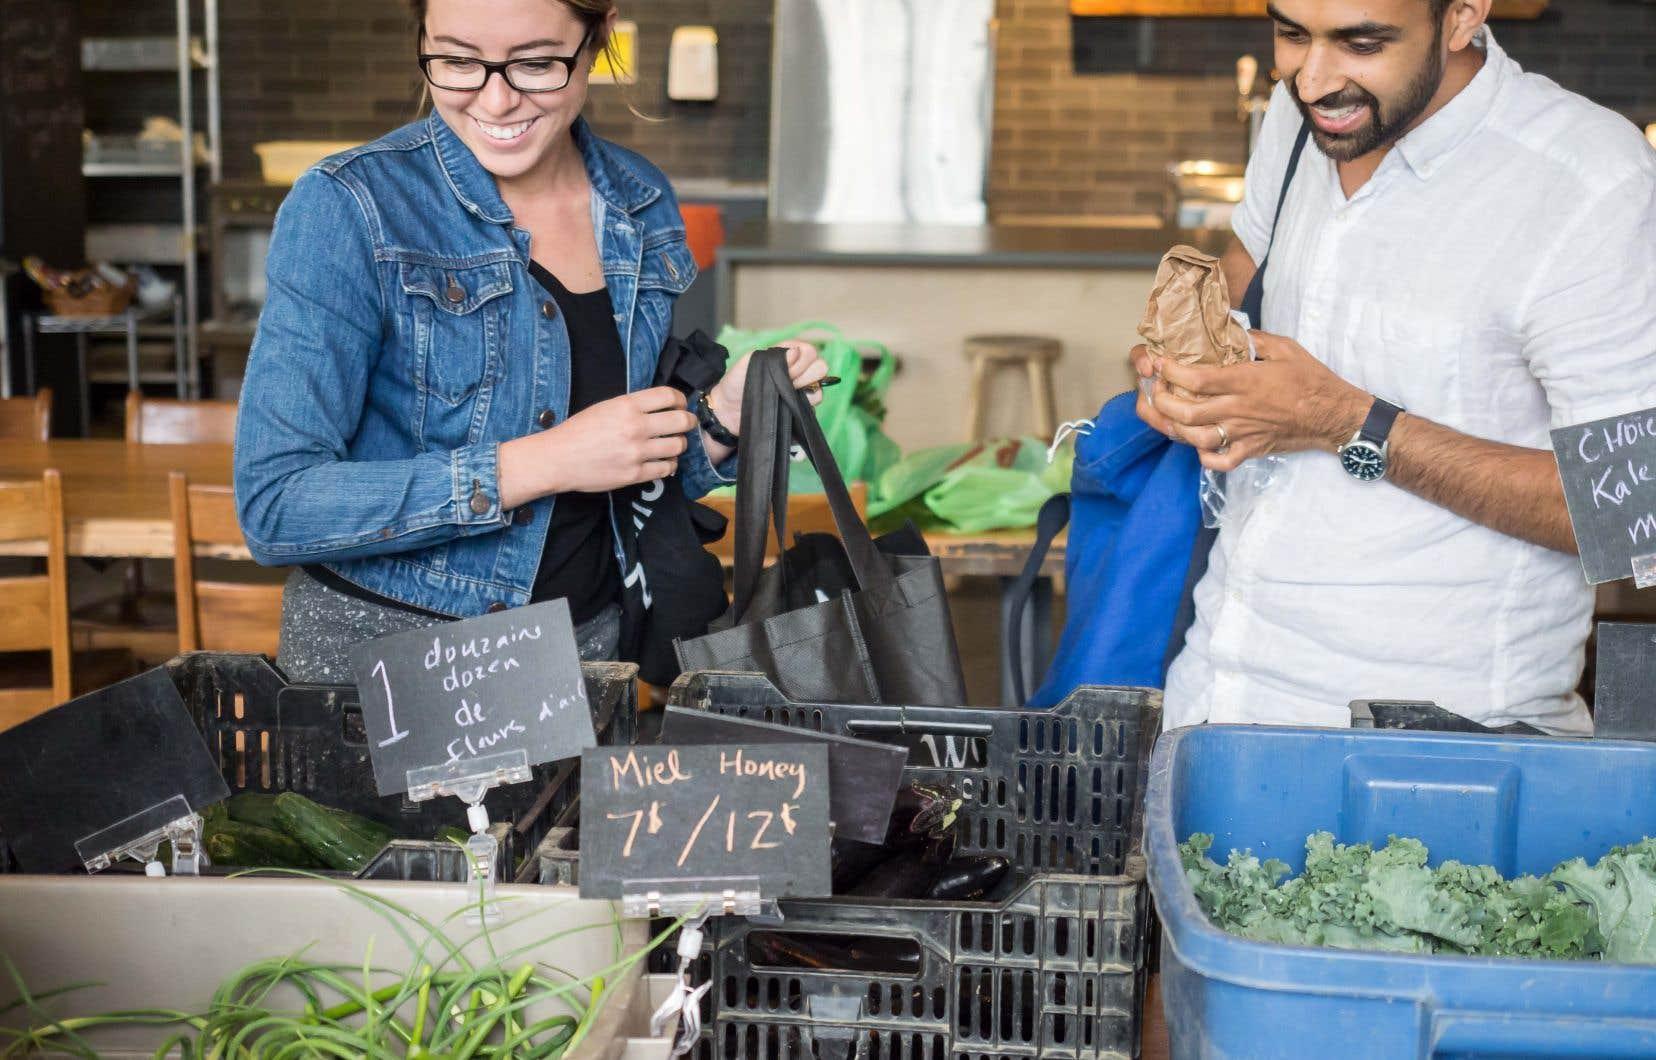 Depuis quelques années, Moment Factory accueille un point de livraison de paniers de légumes bios et locaux pour ses employés.